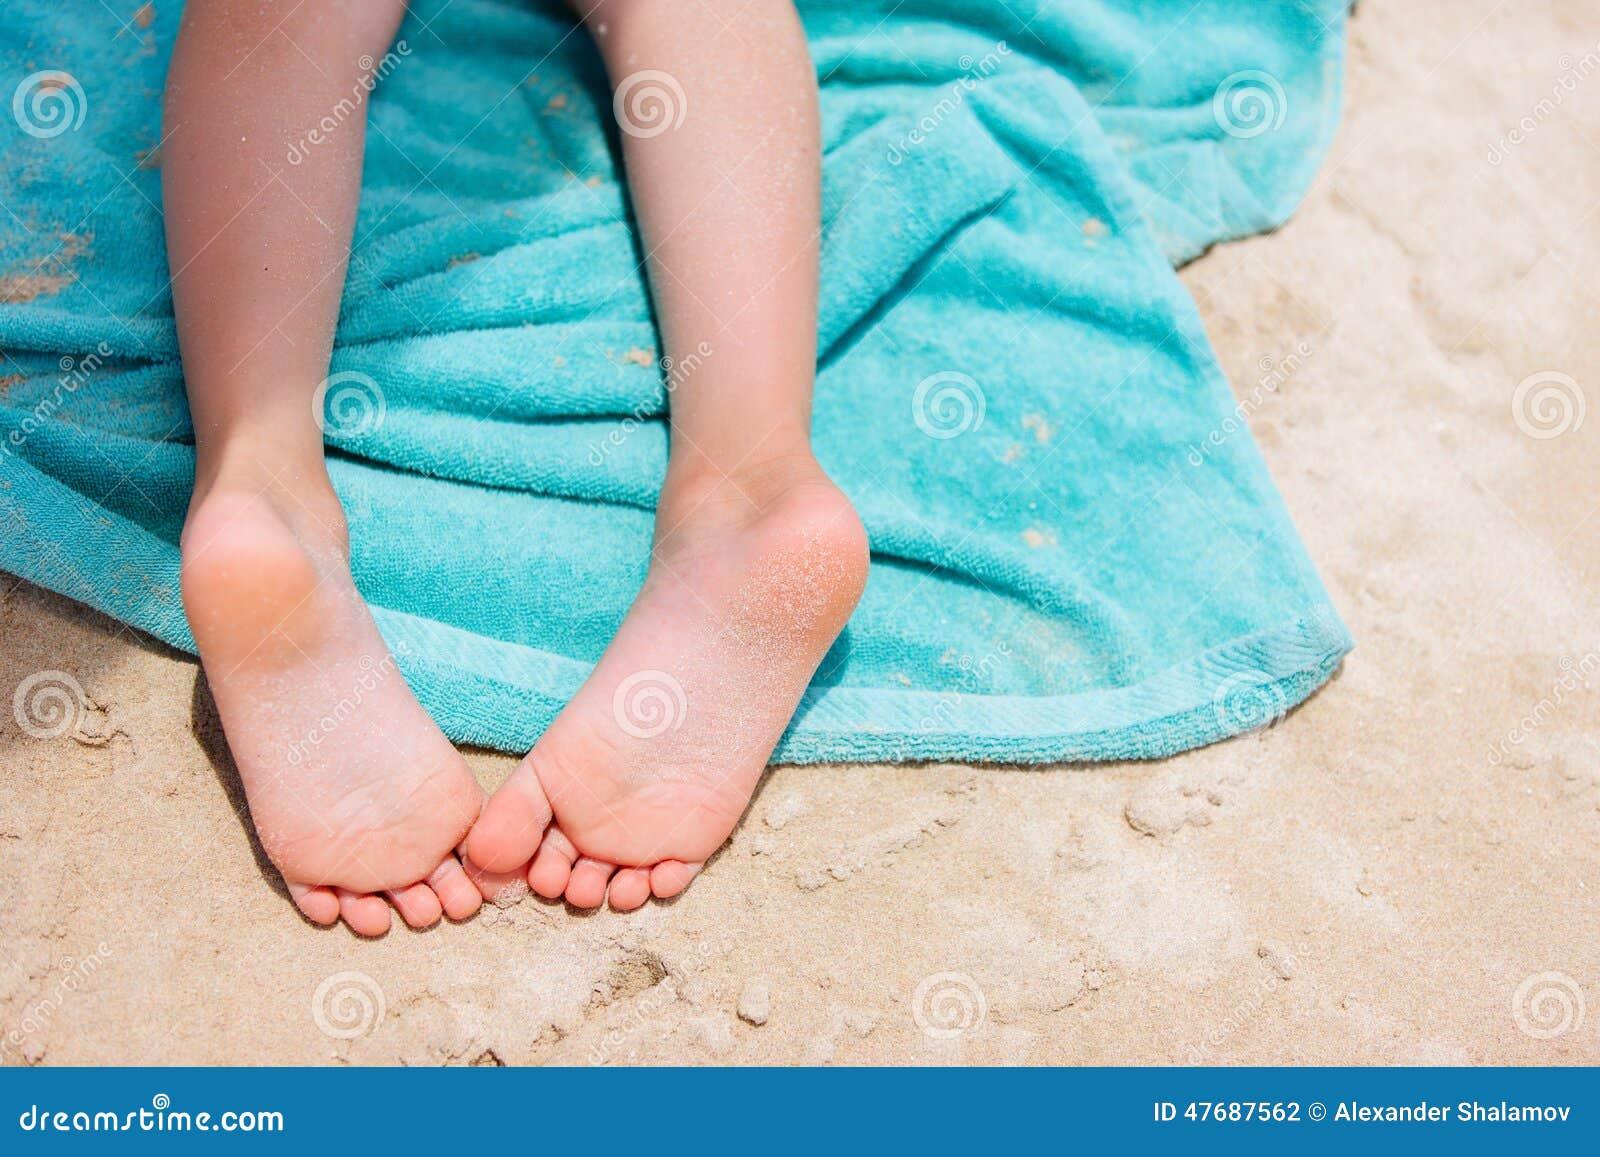 Фото ступней девочек 1 фотография